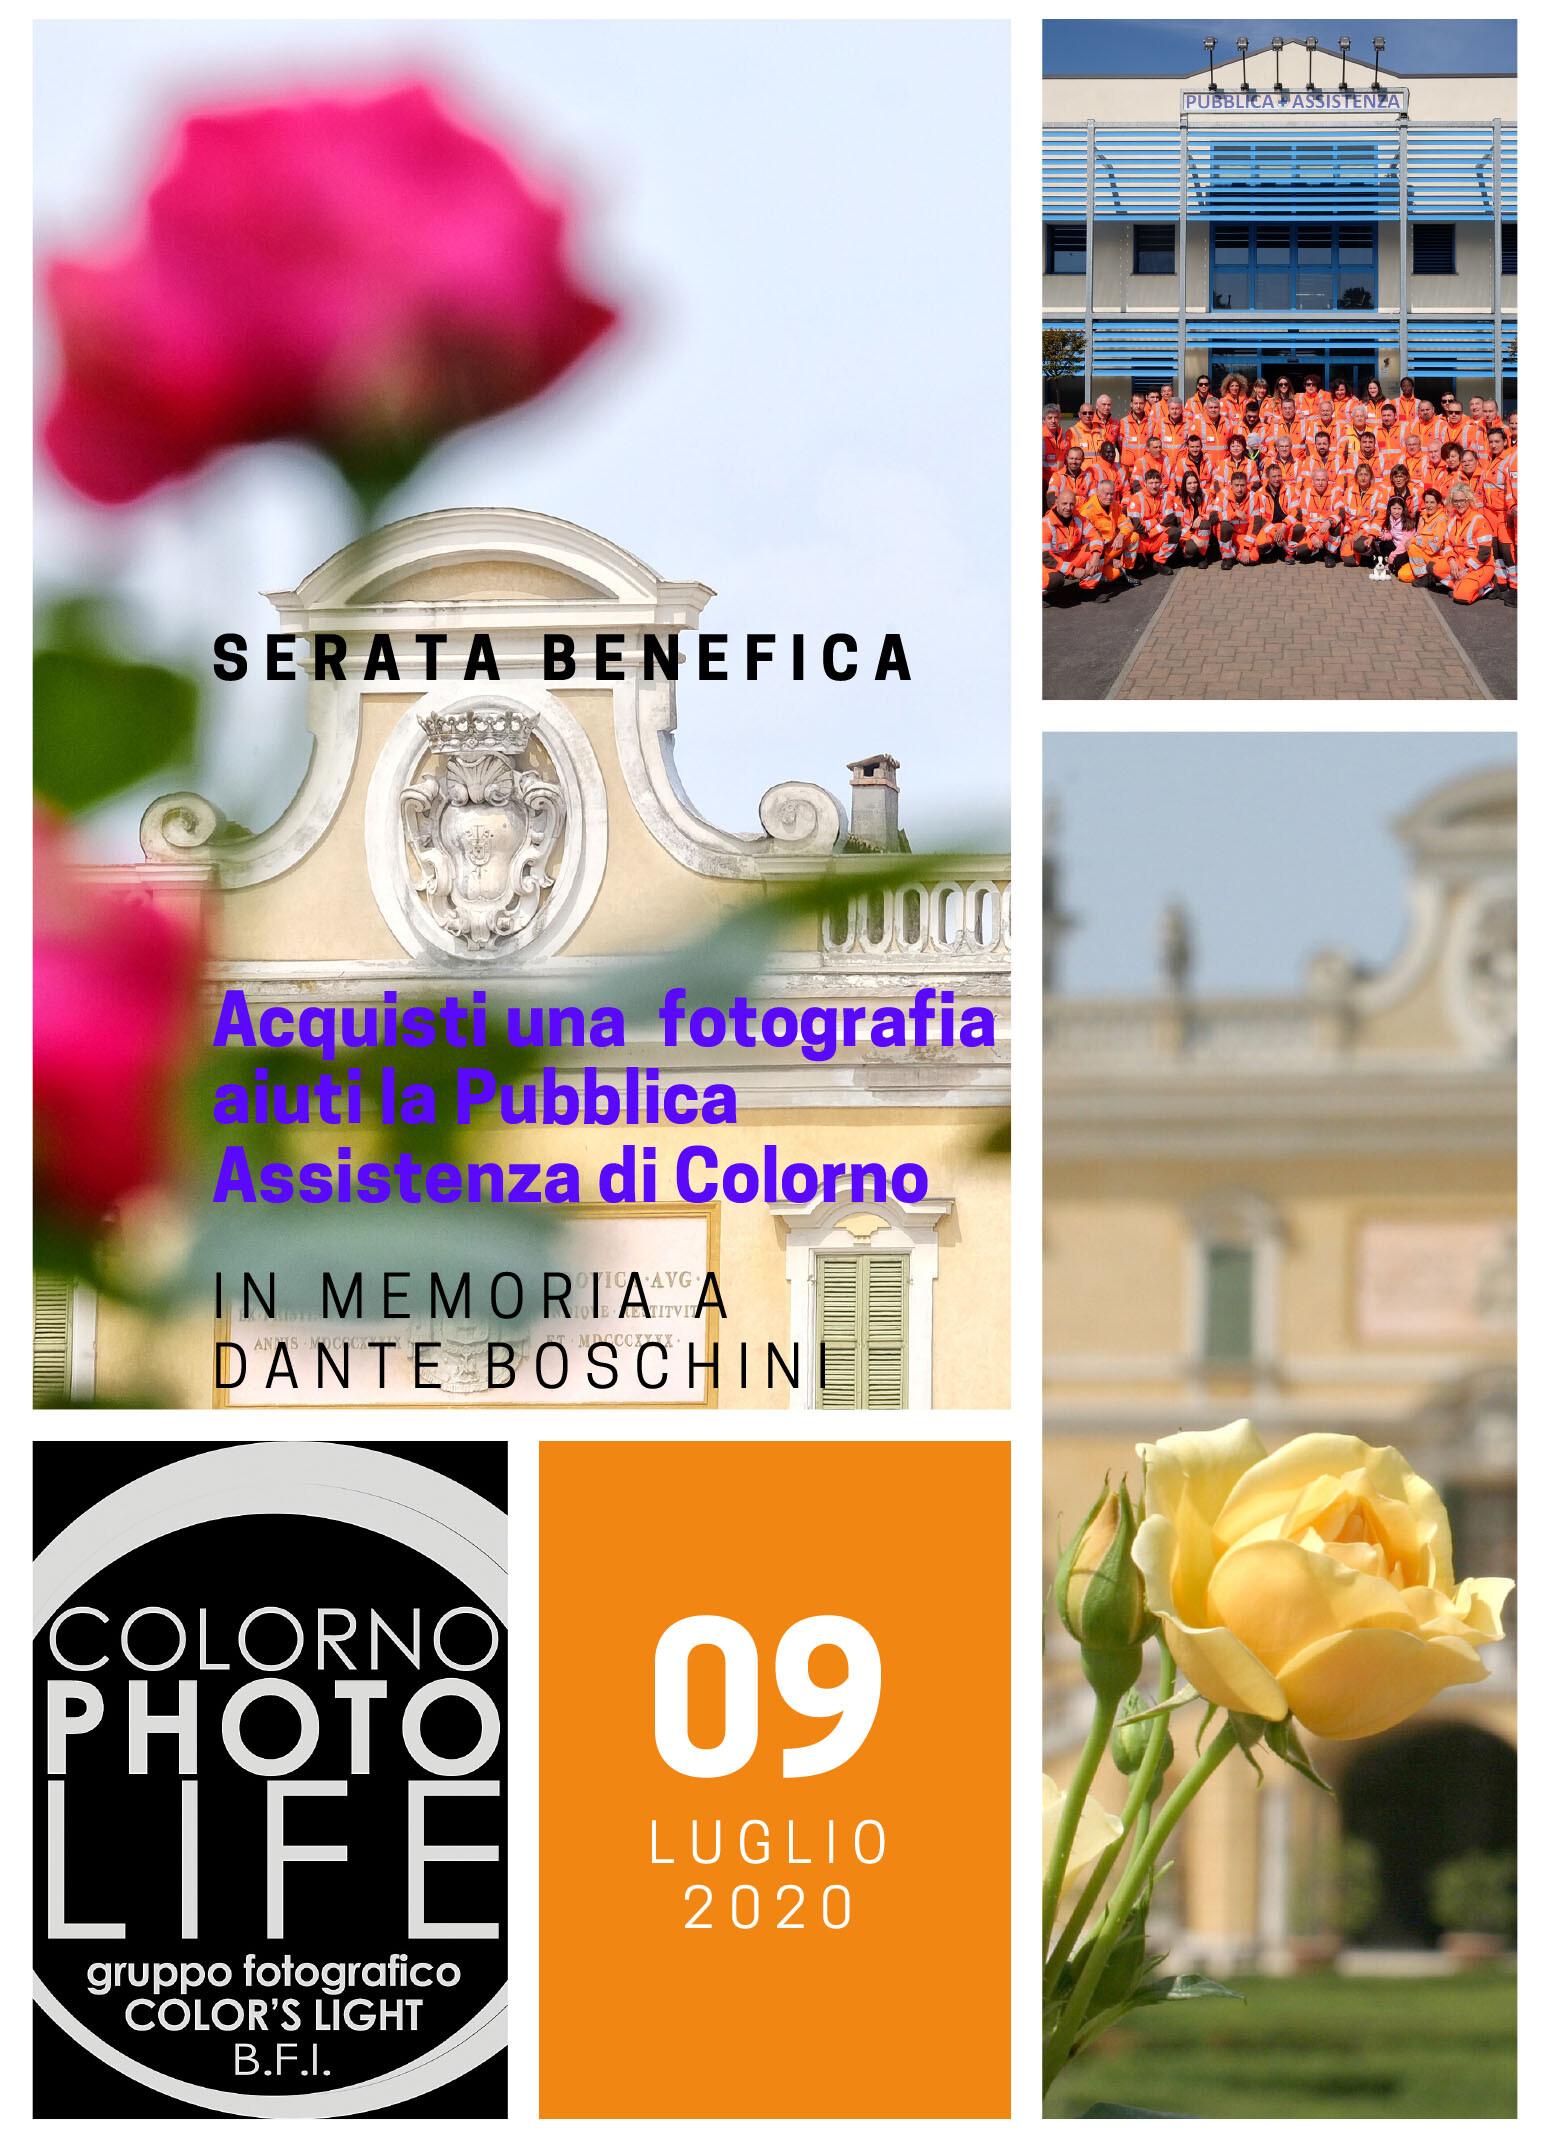 Vendita benefiche di foto